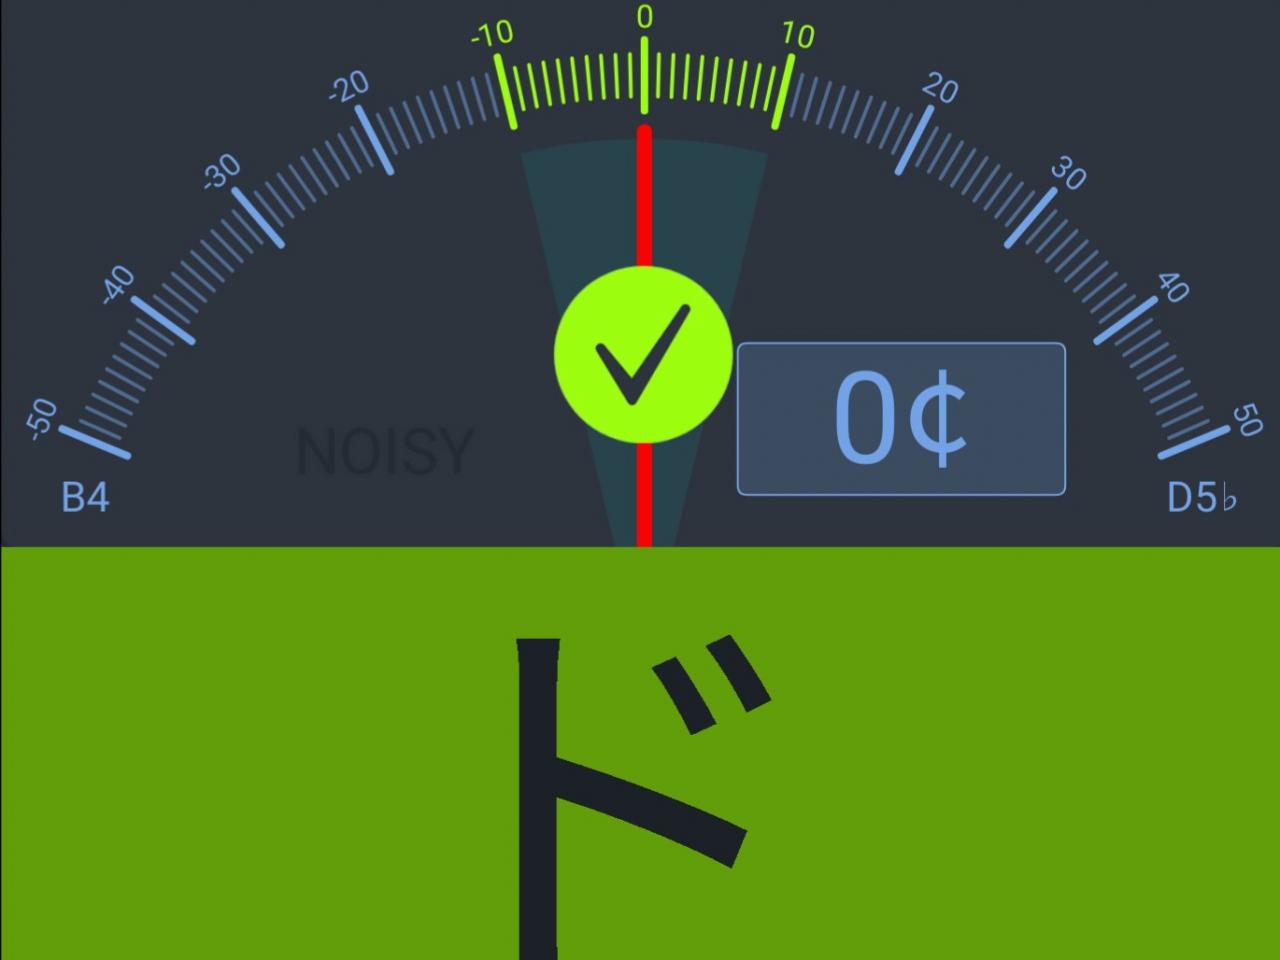 ドの音がぴったり合った状態のスマートフォンアプリのチューナー